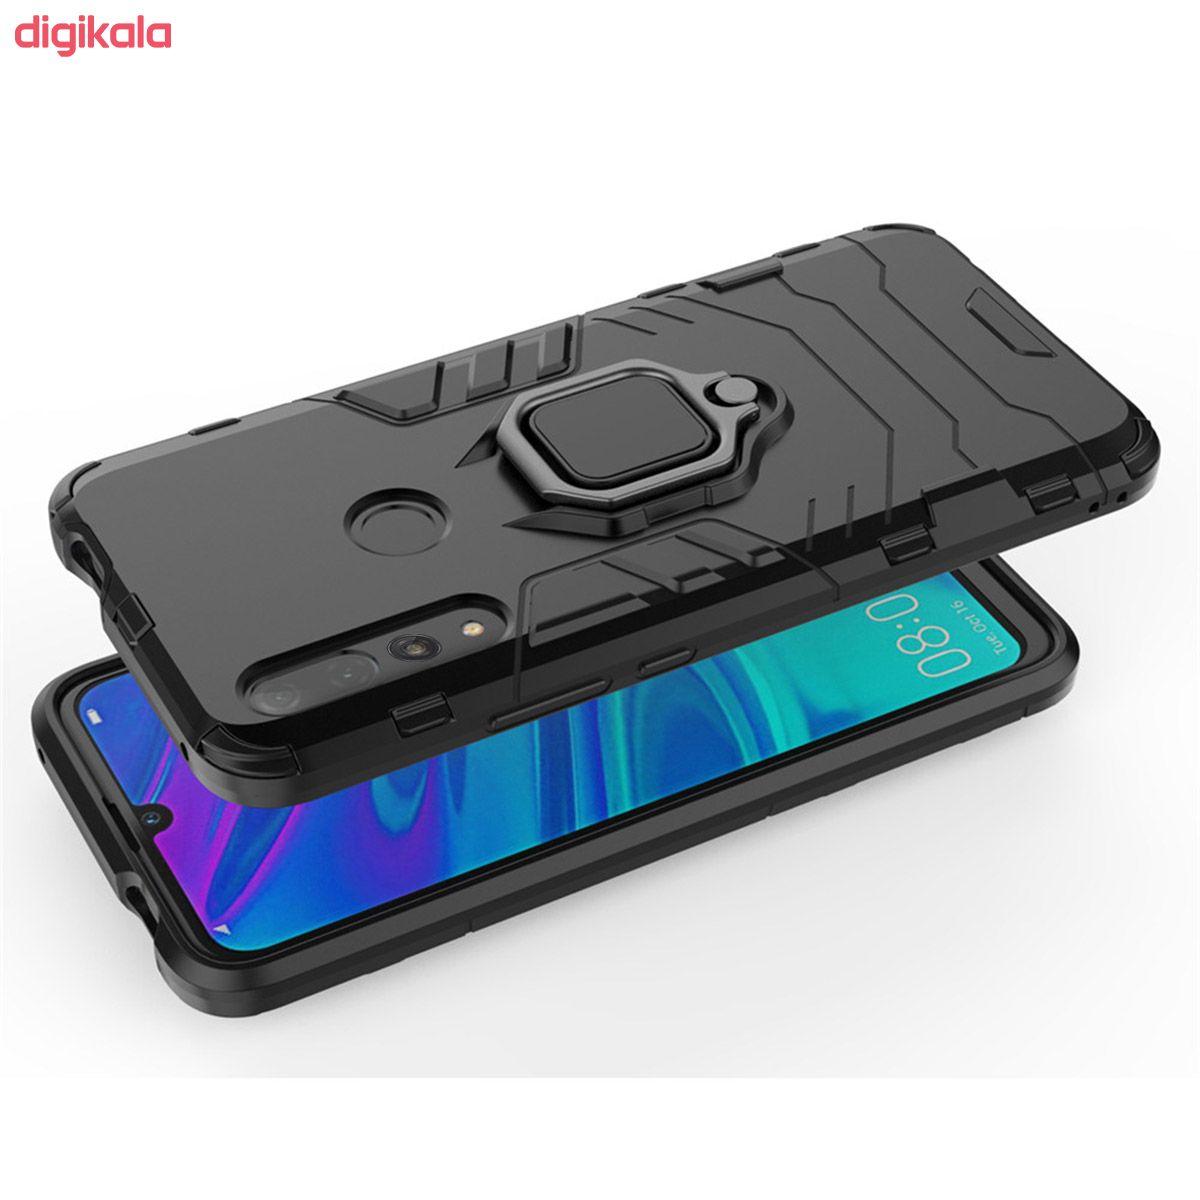 کاور سامورایی مدل ARC-2020 مناسب برای گوشی موبایل هوآوی Y9 Prime 2019